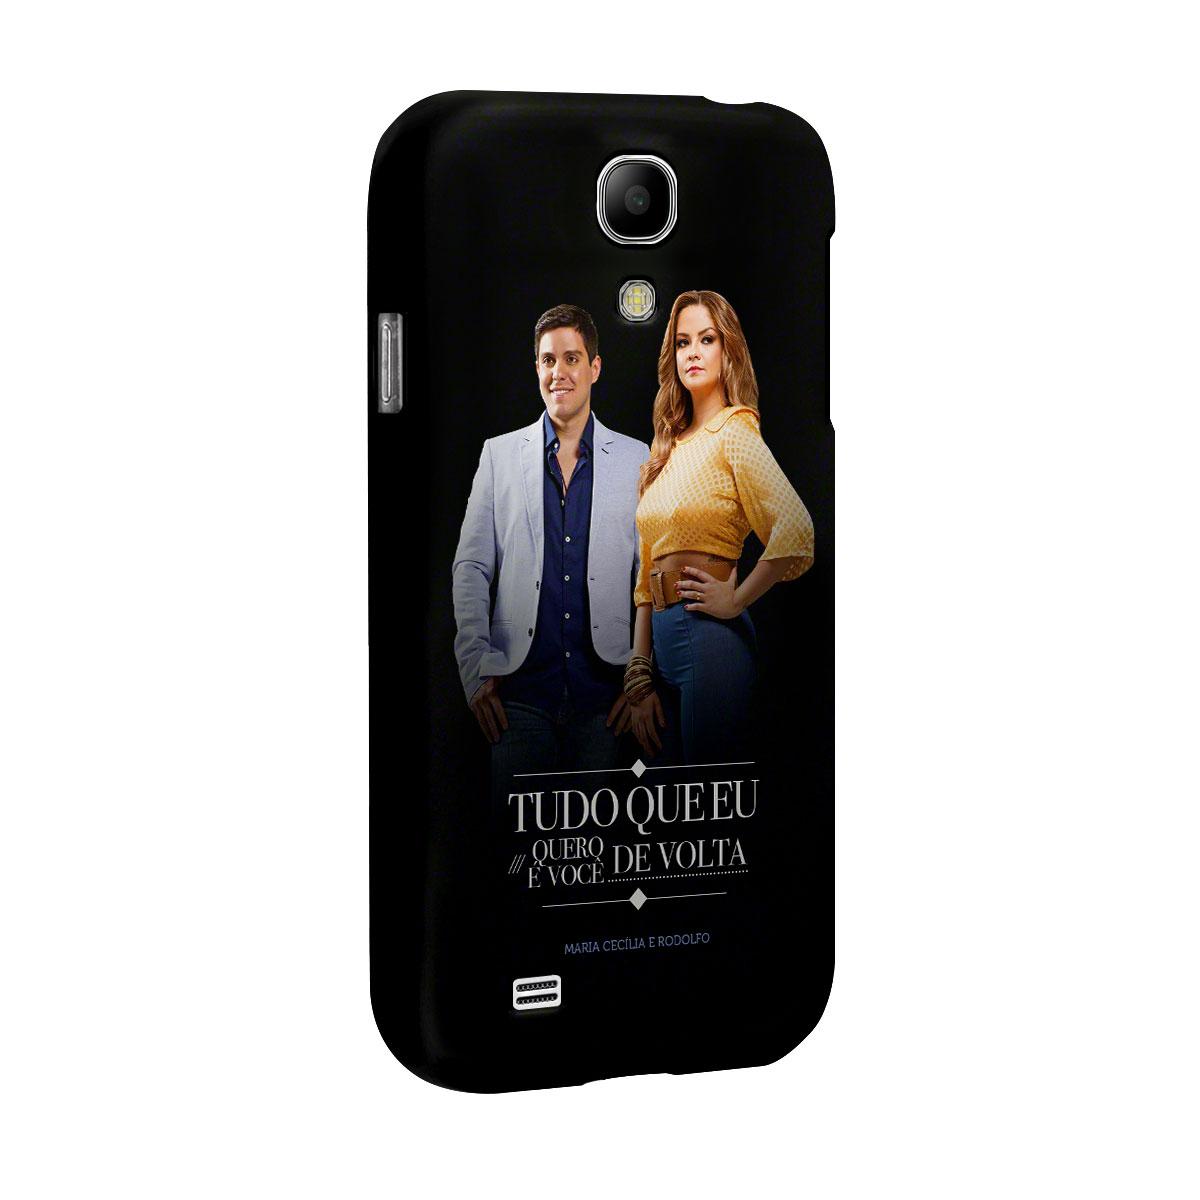 Capa para Samsung Galaxy S4 Maria Cecília & Rodolfo Tudo Que Eu Quero